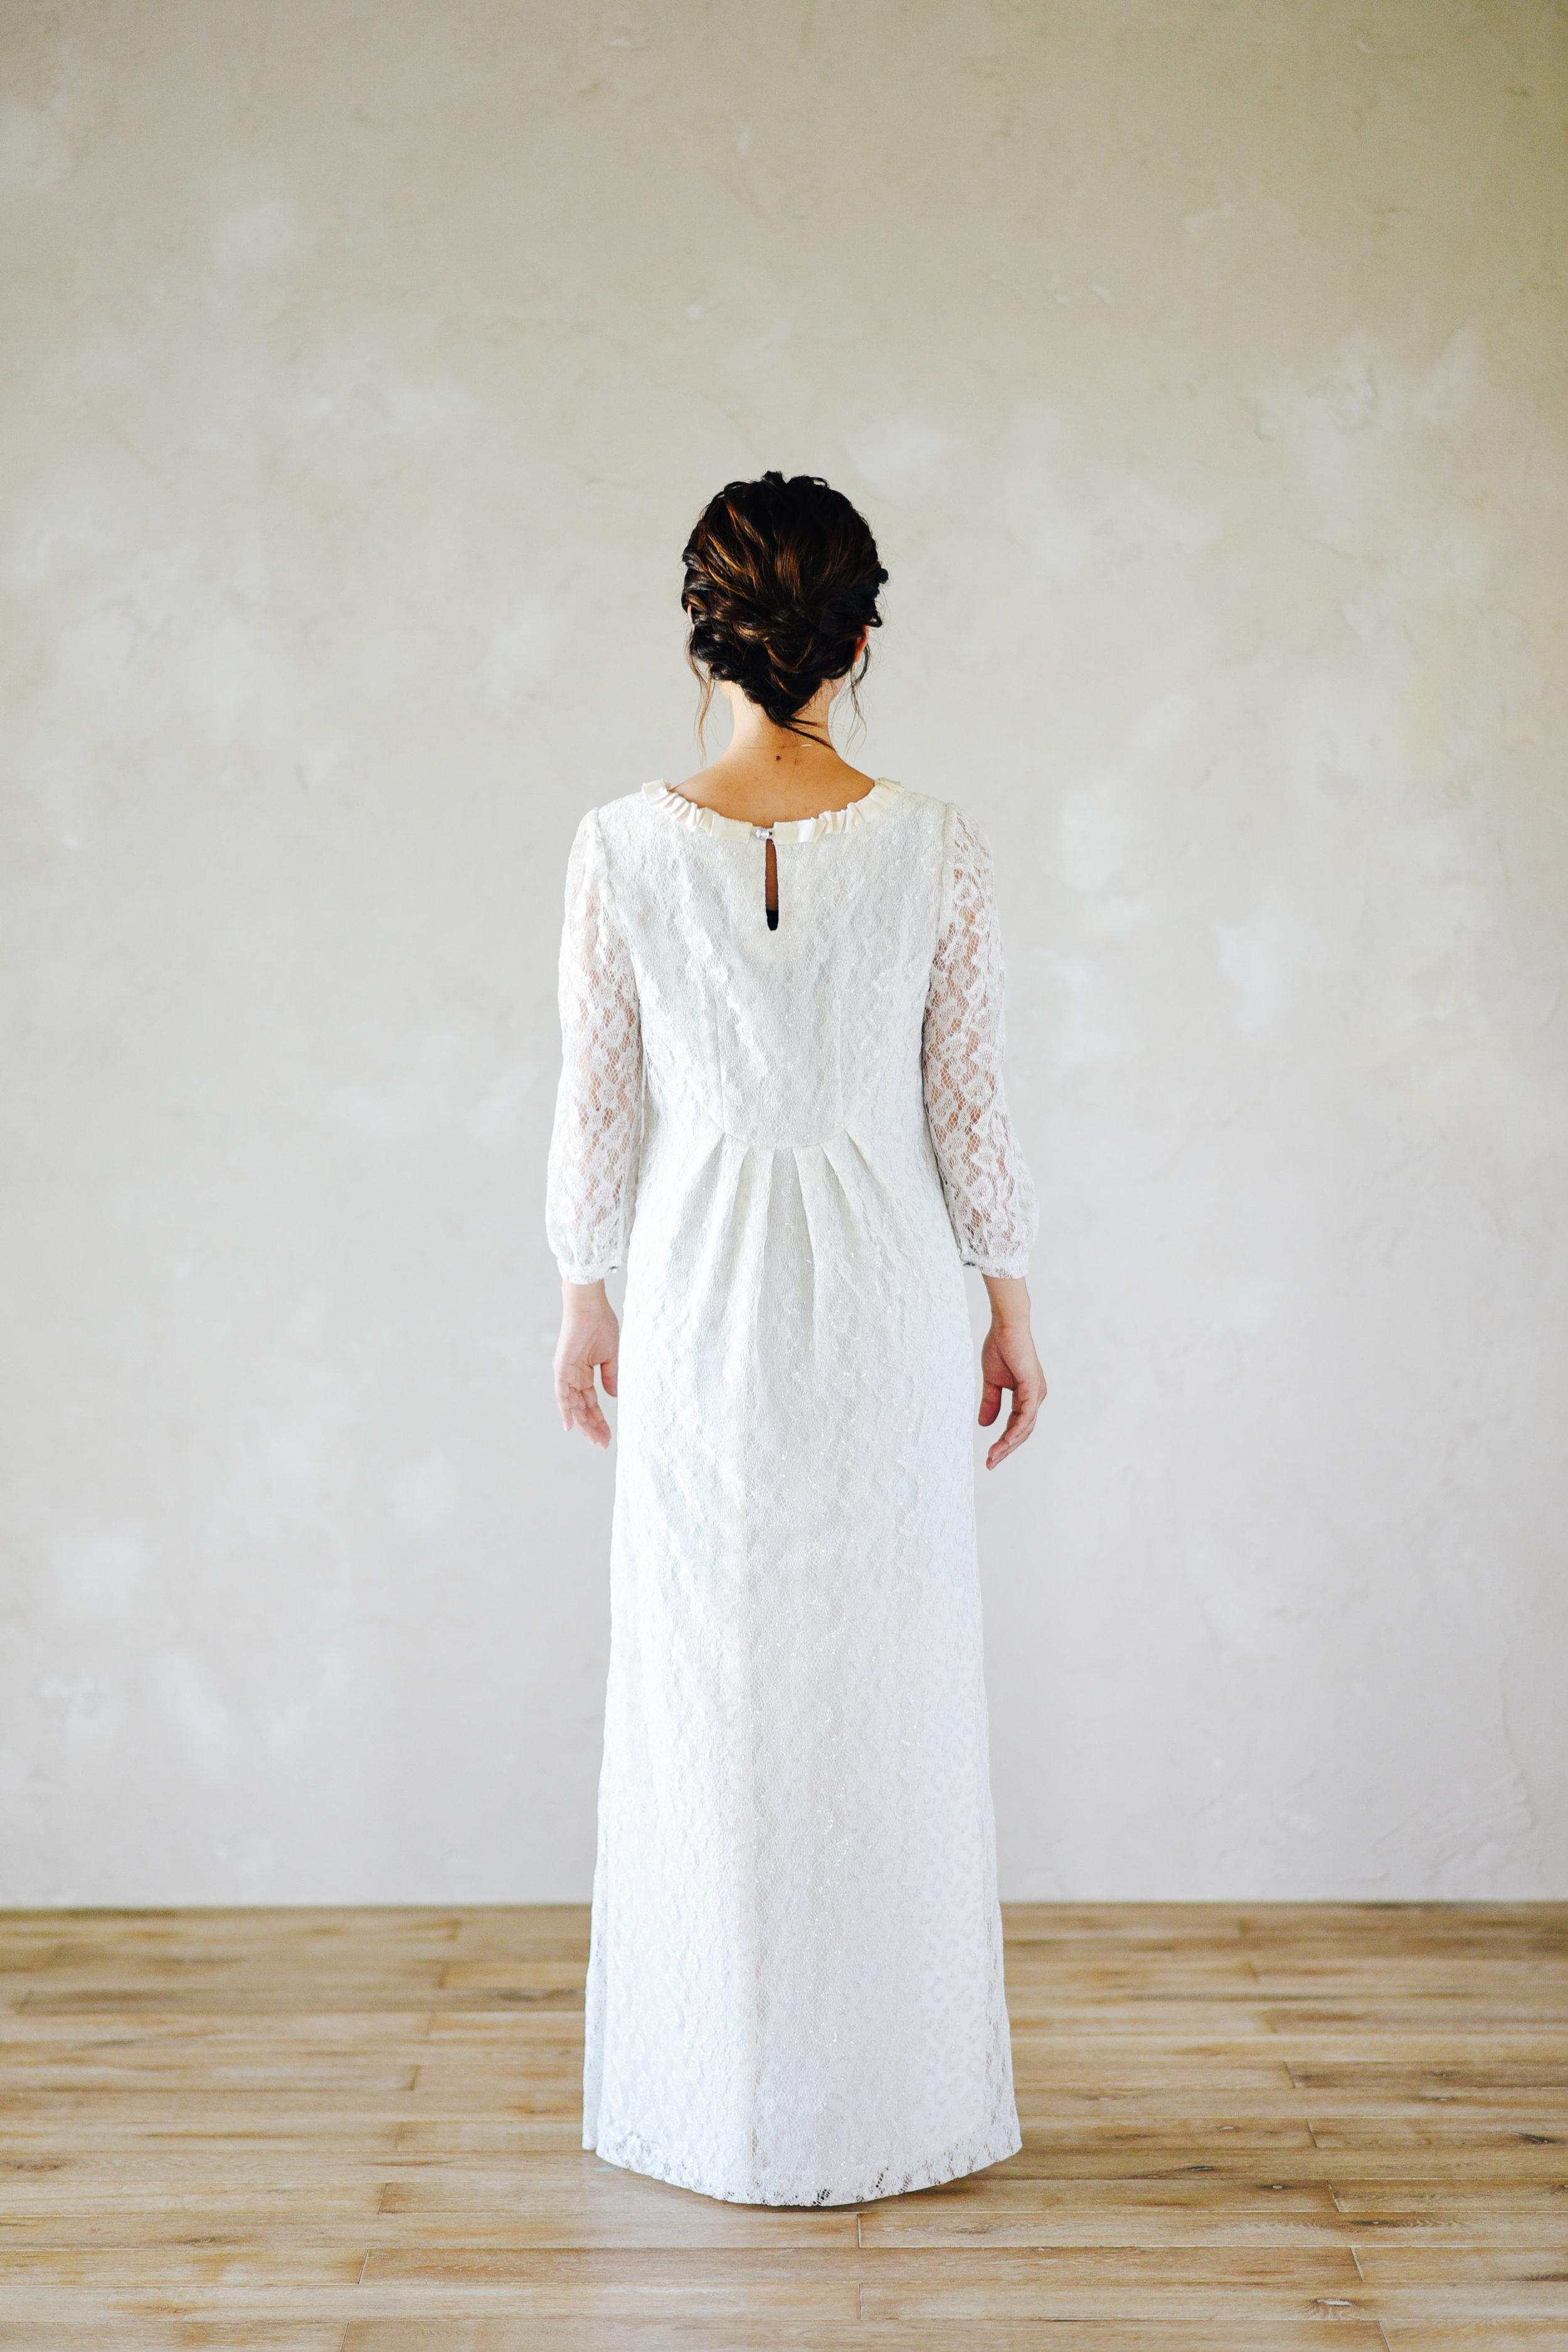 dress2_2.jpg